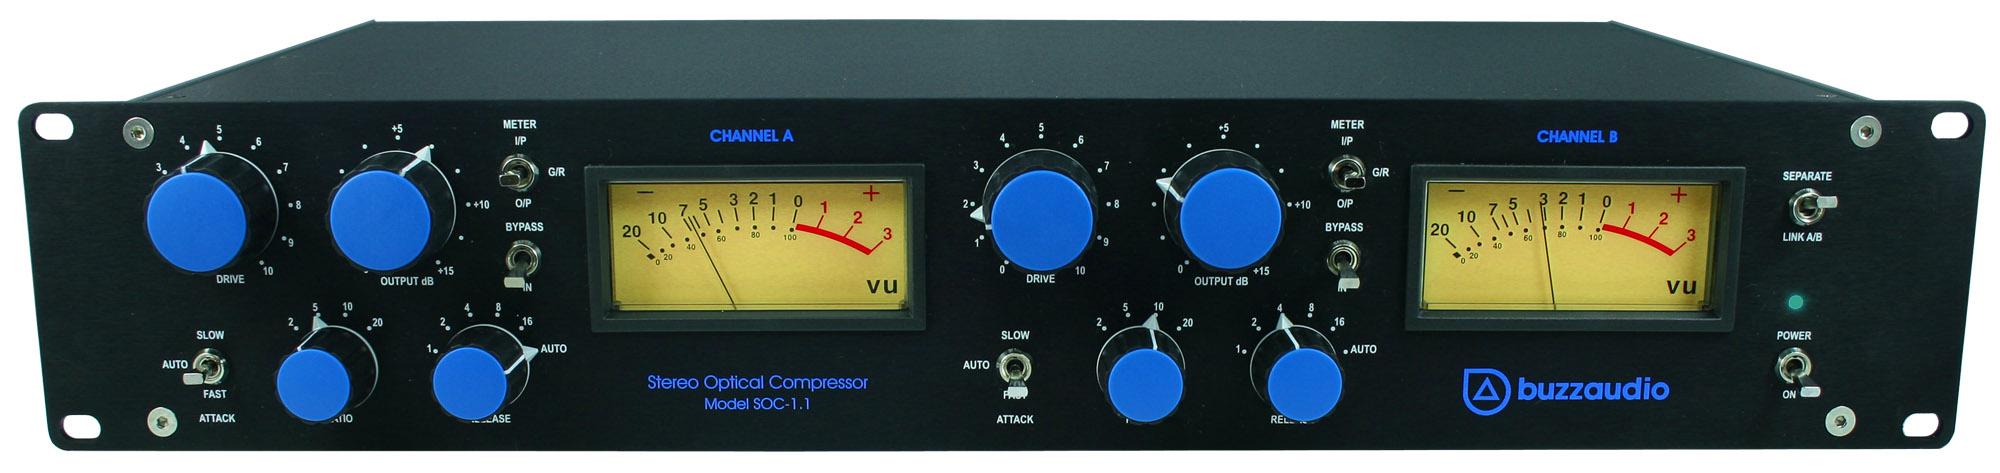 Soc 11 Stereo Audio Compressor Buzz Schematic Diagram Pro La 2a Style View Bigger Picture